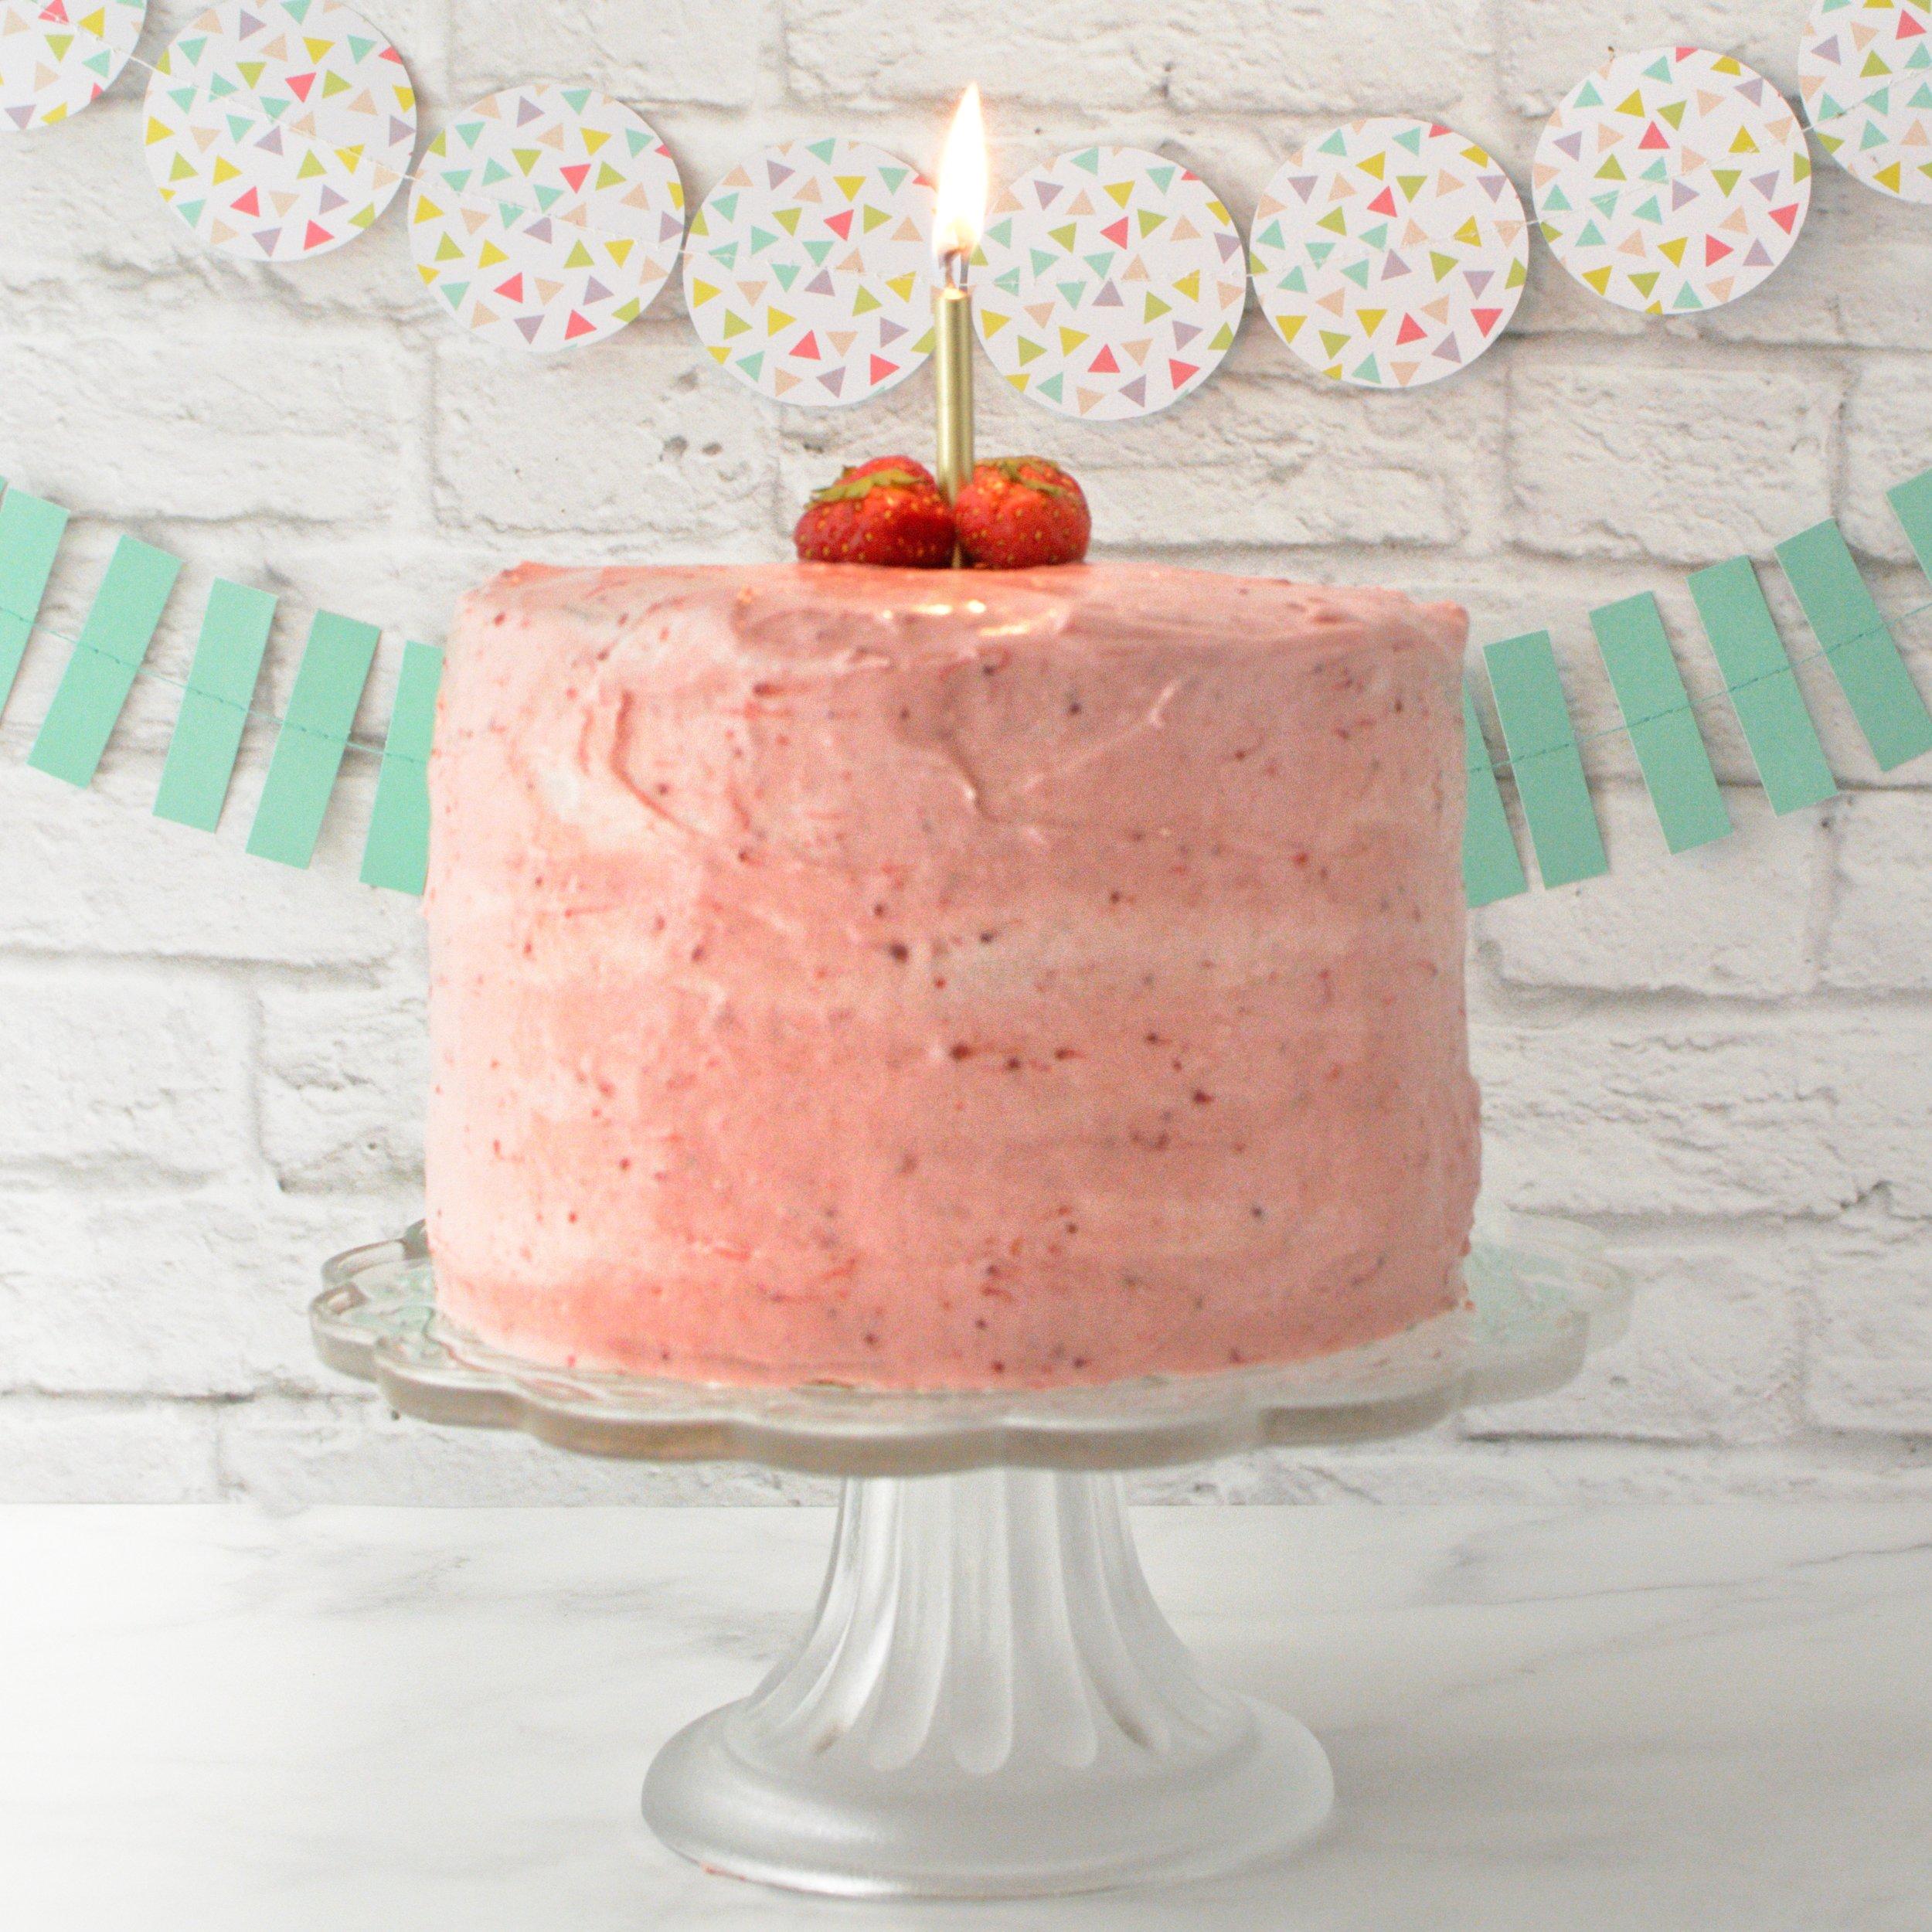 Mandy-naglich-birthday-cake.jpg